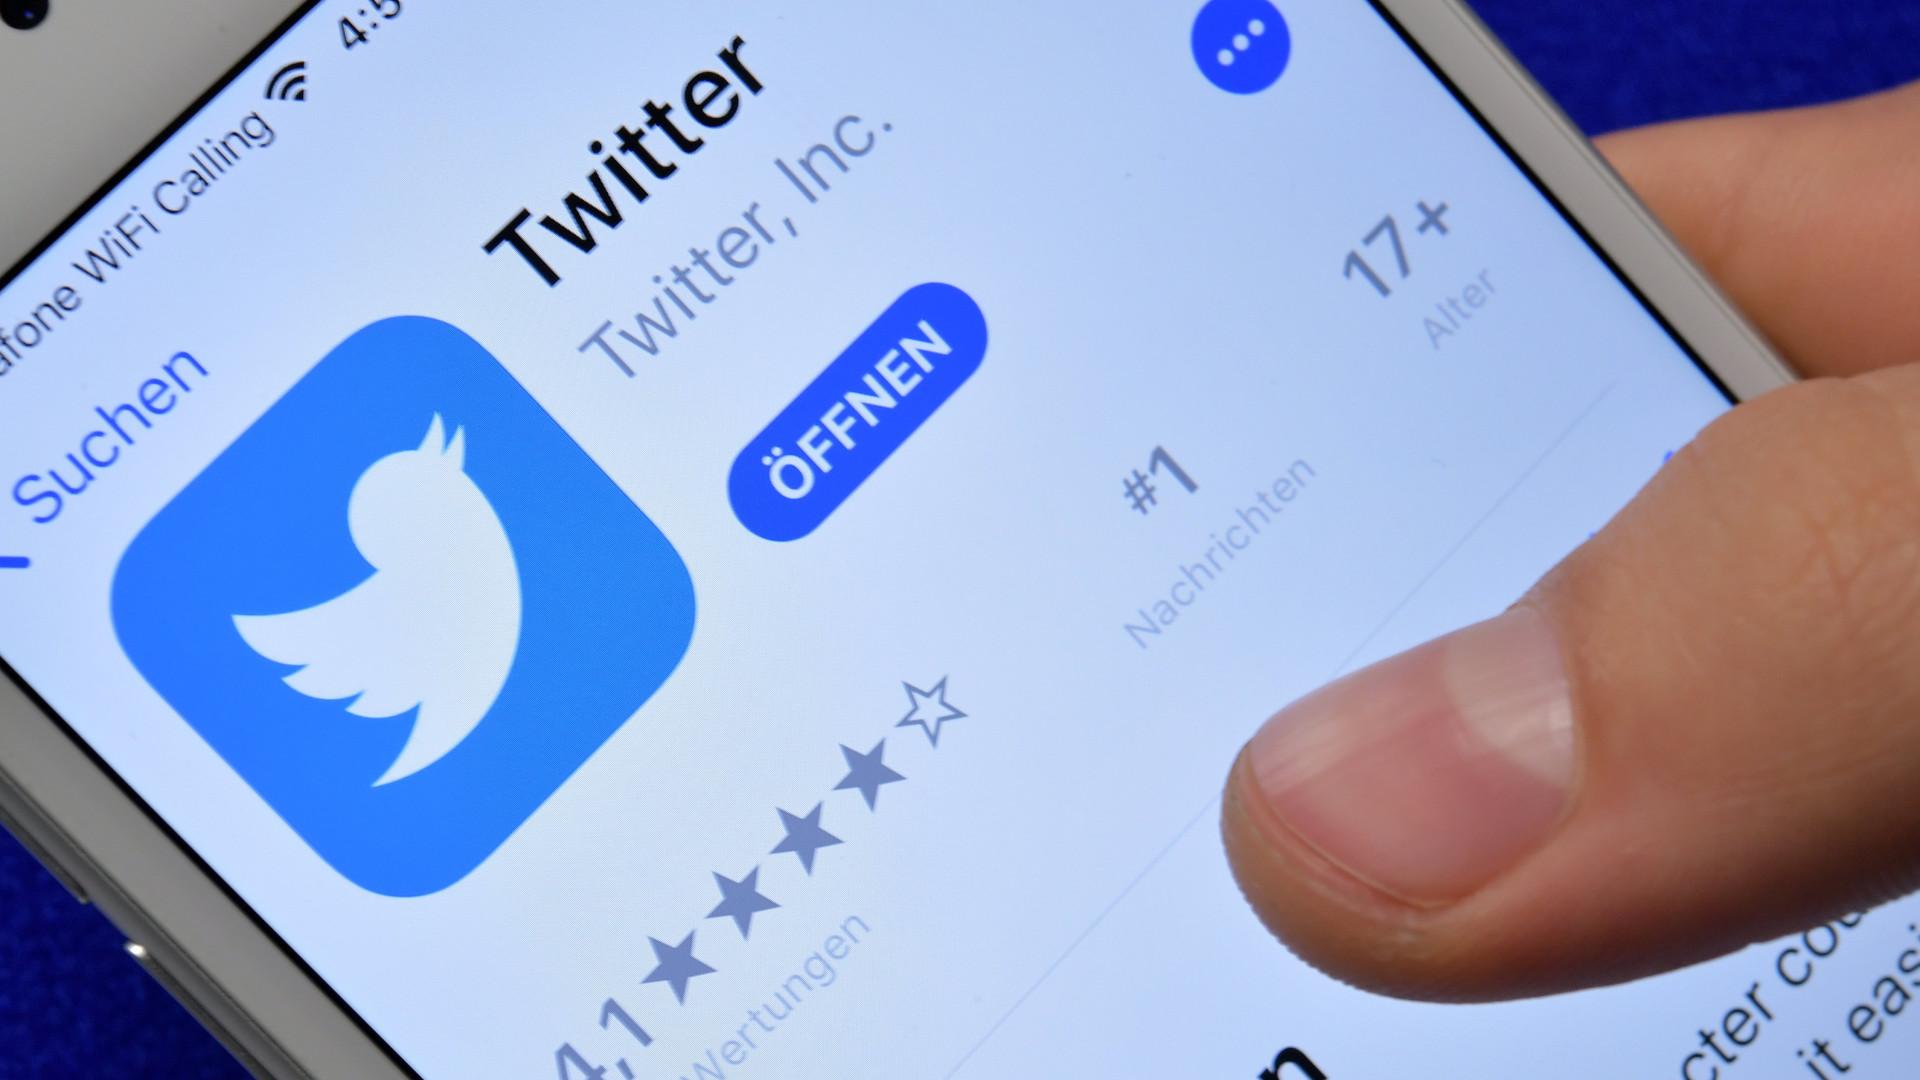 Twitter suspendeu em dois meses mais de 70 milhões de contas